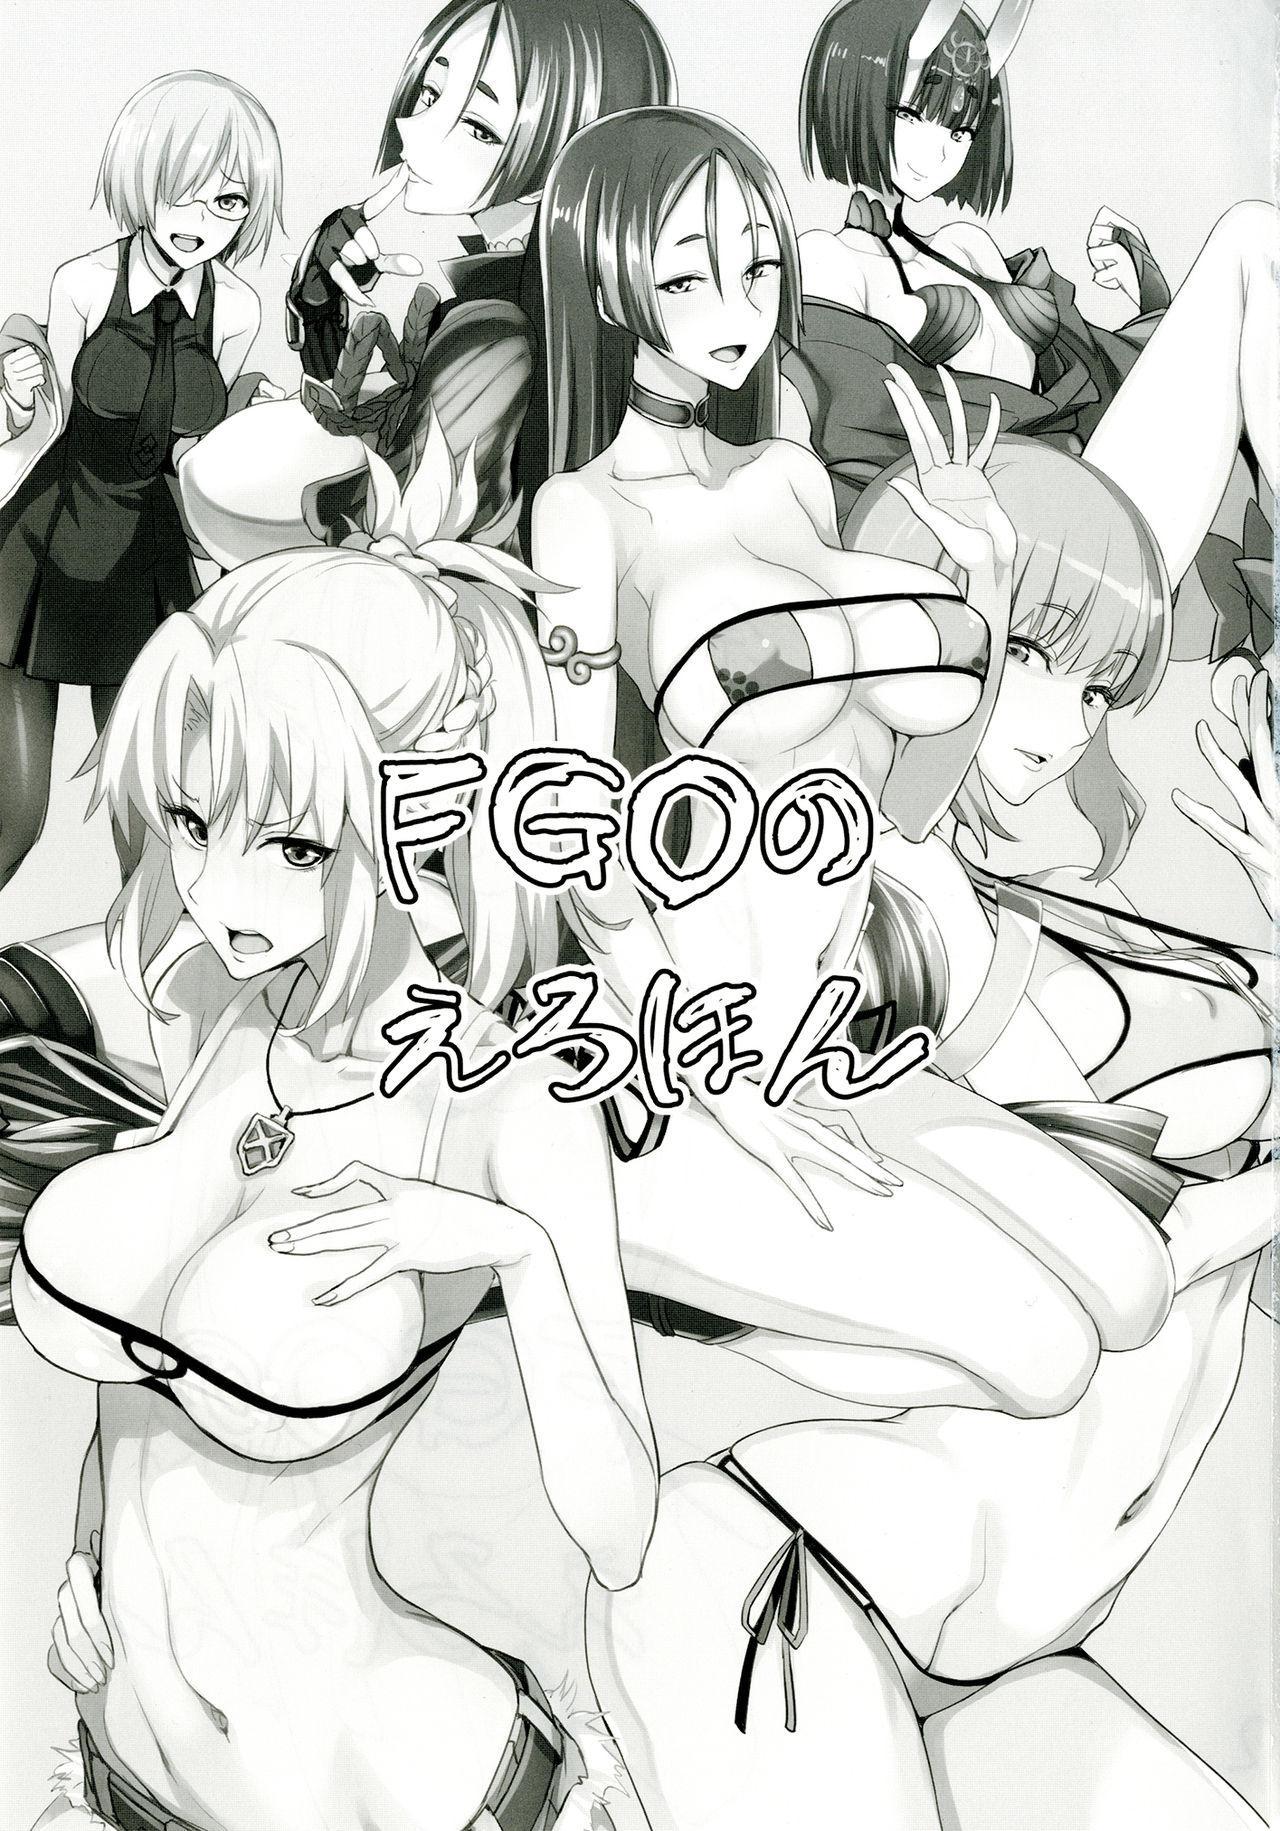 FGO no Erohon 3